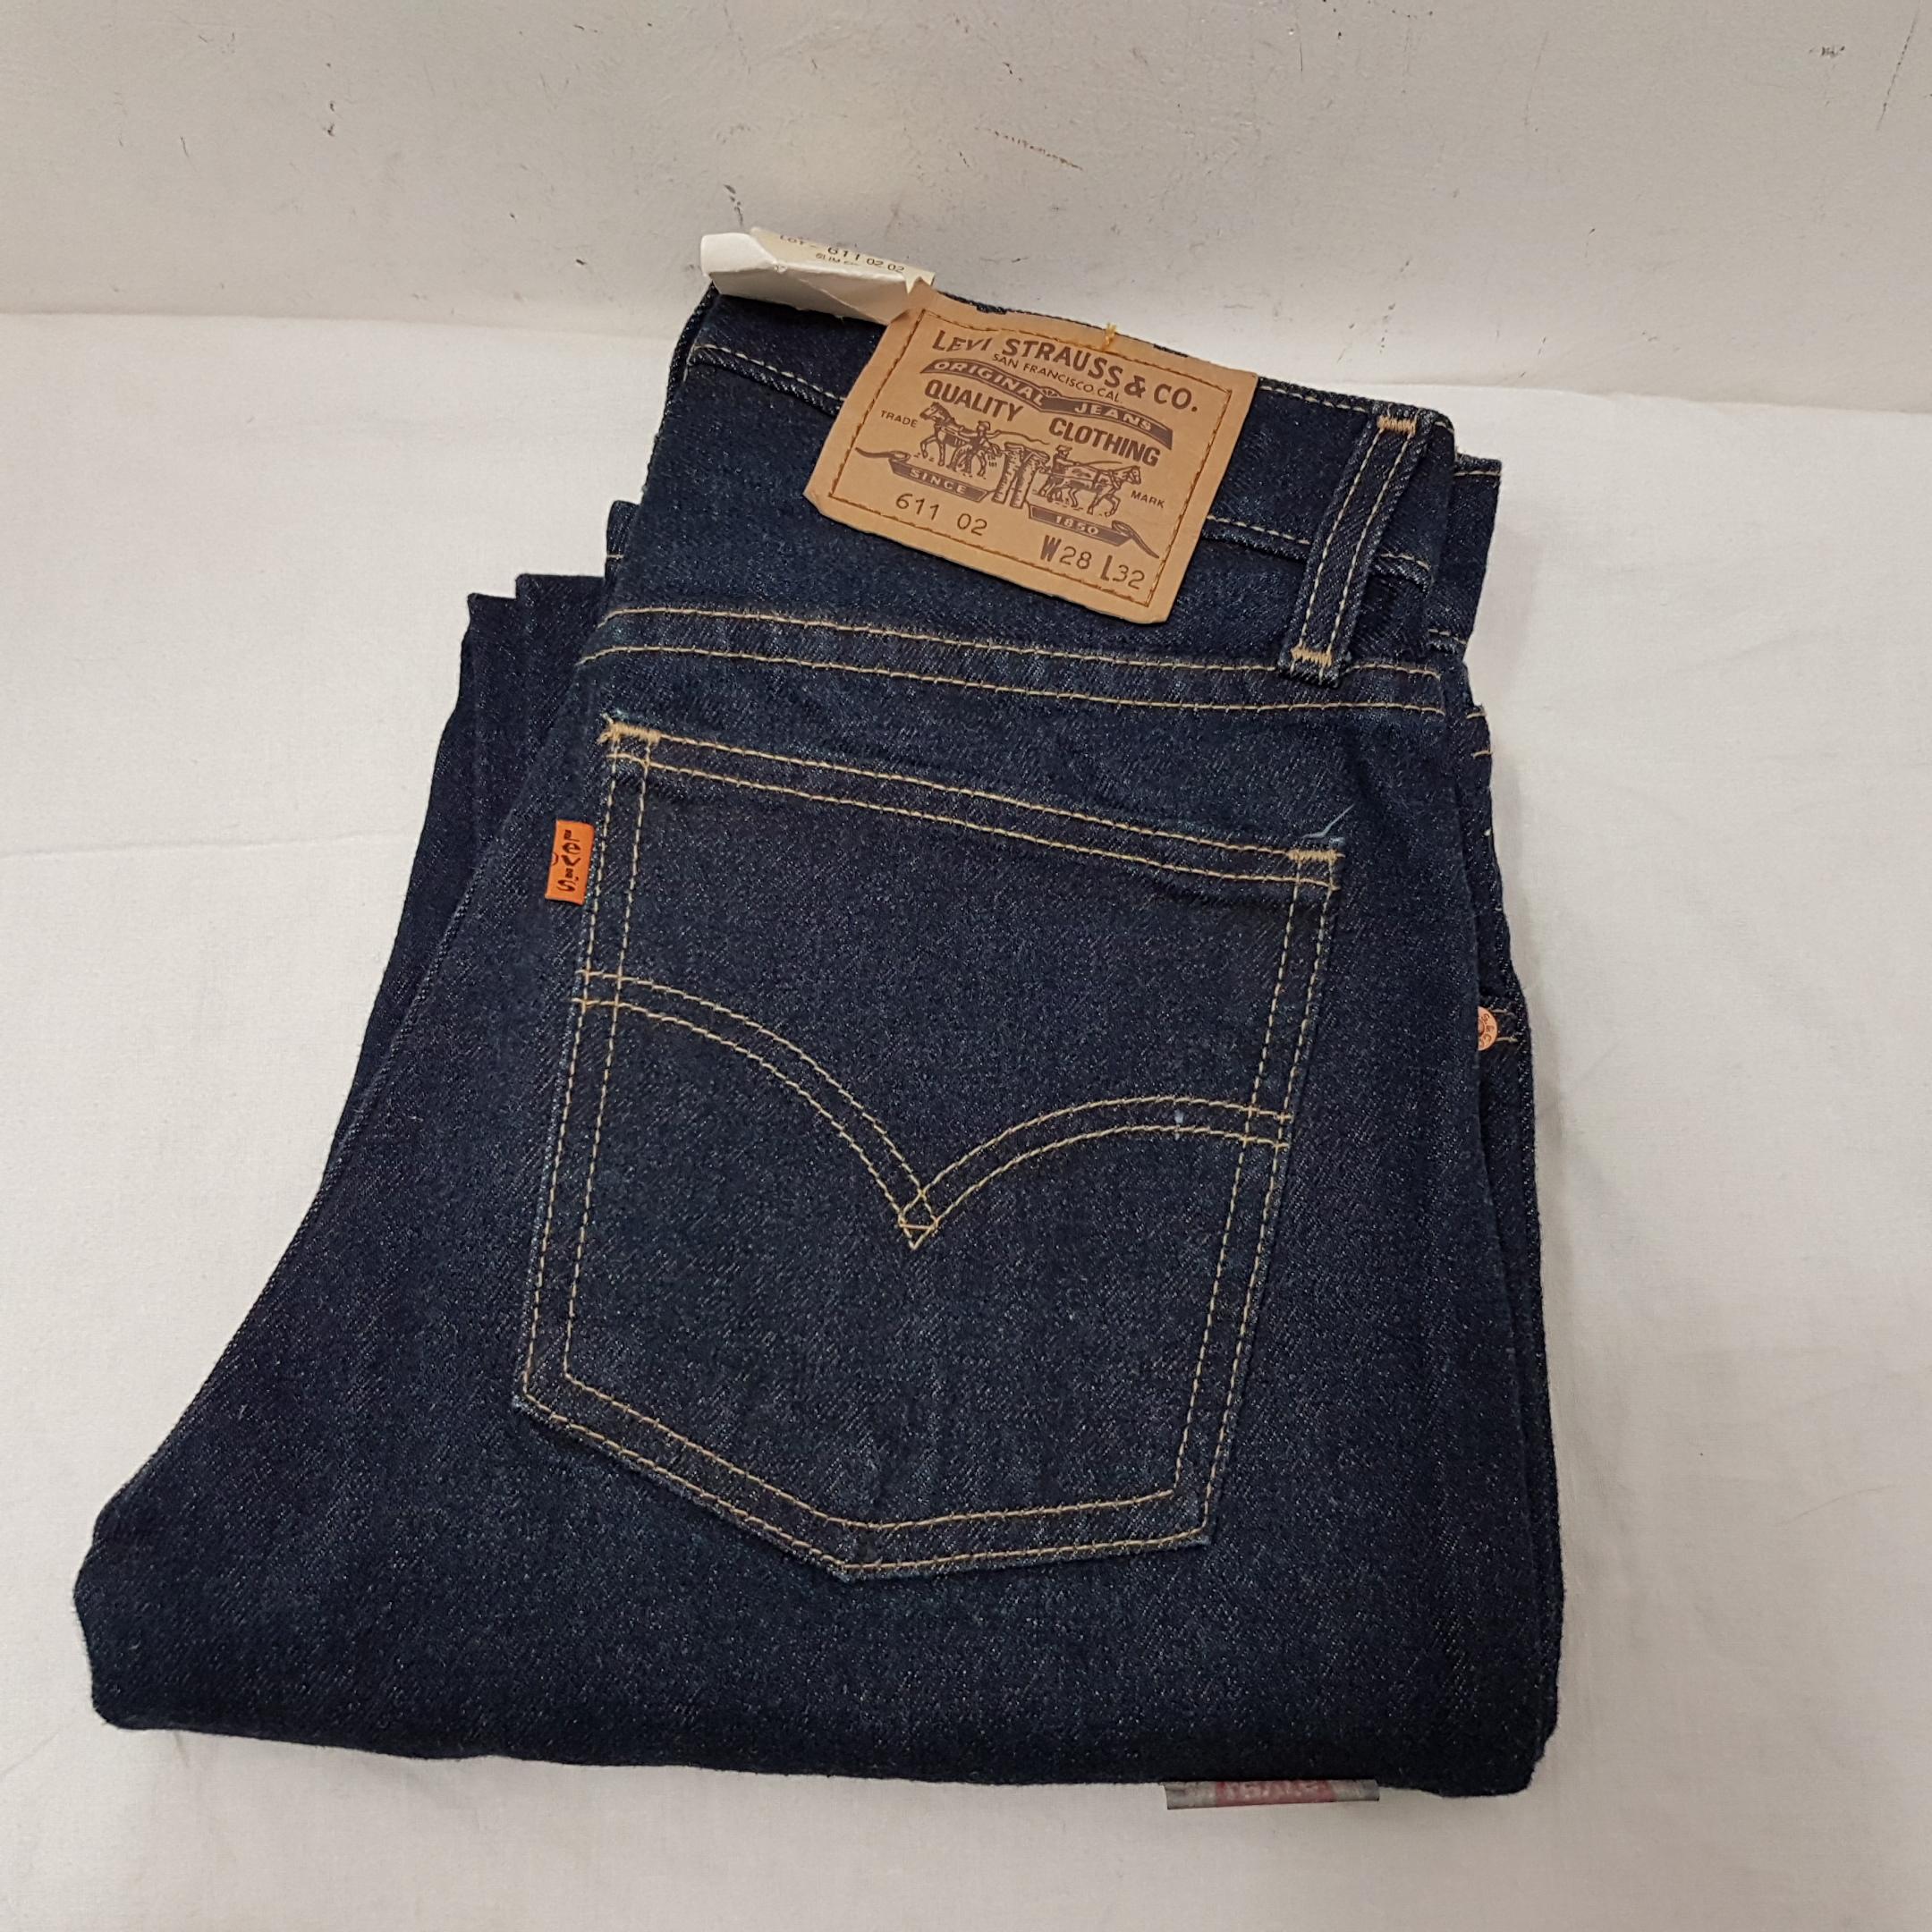 Brown Vintage Charlie abbigliamento Store Roma 1K3uTJlFc